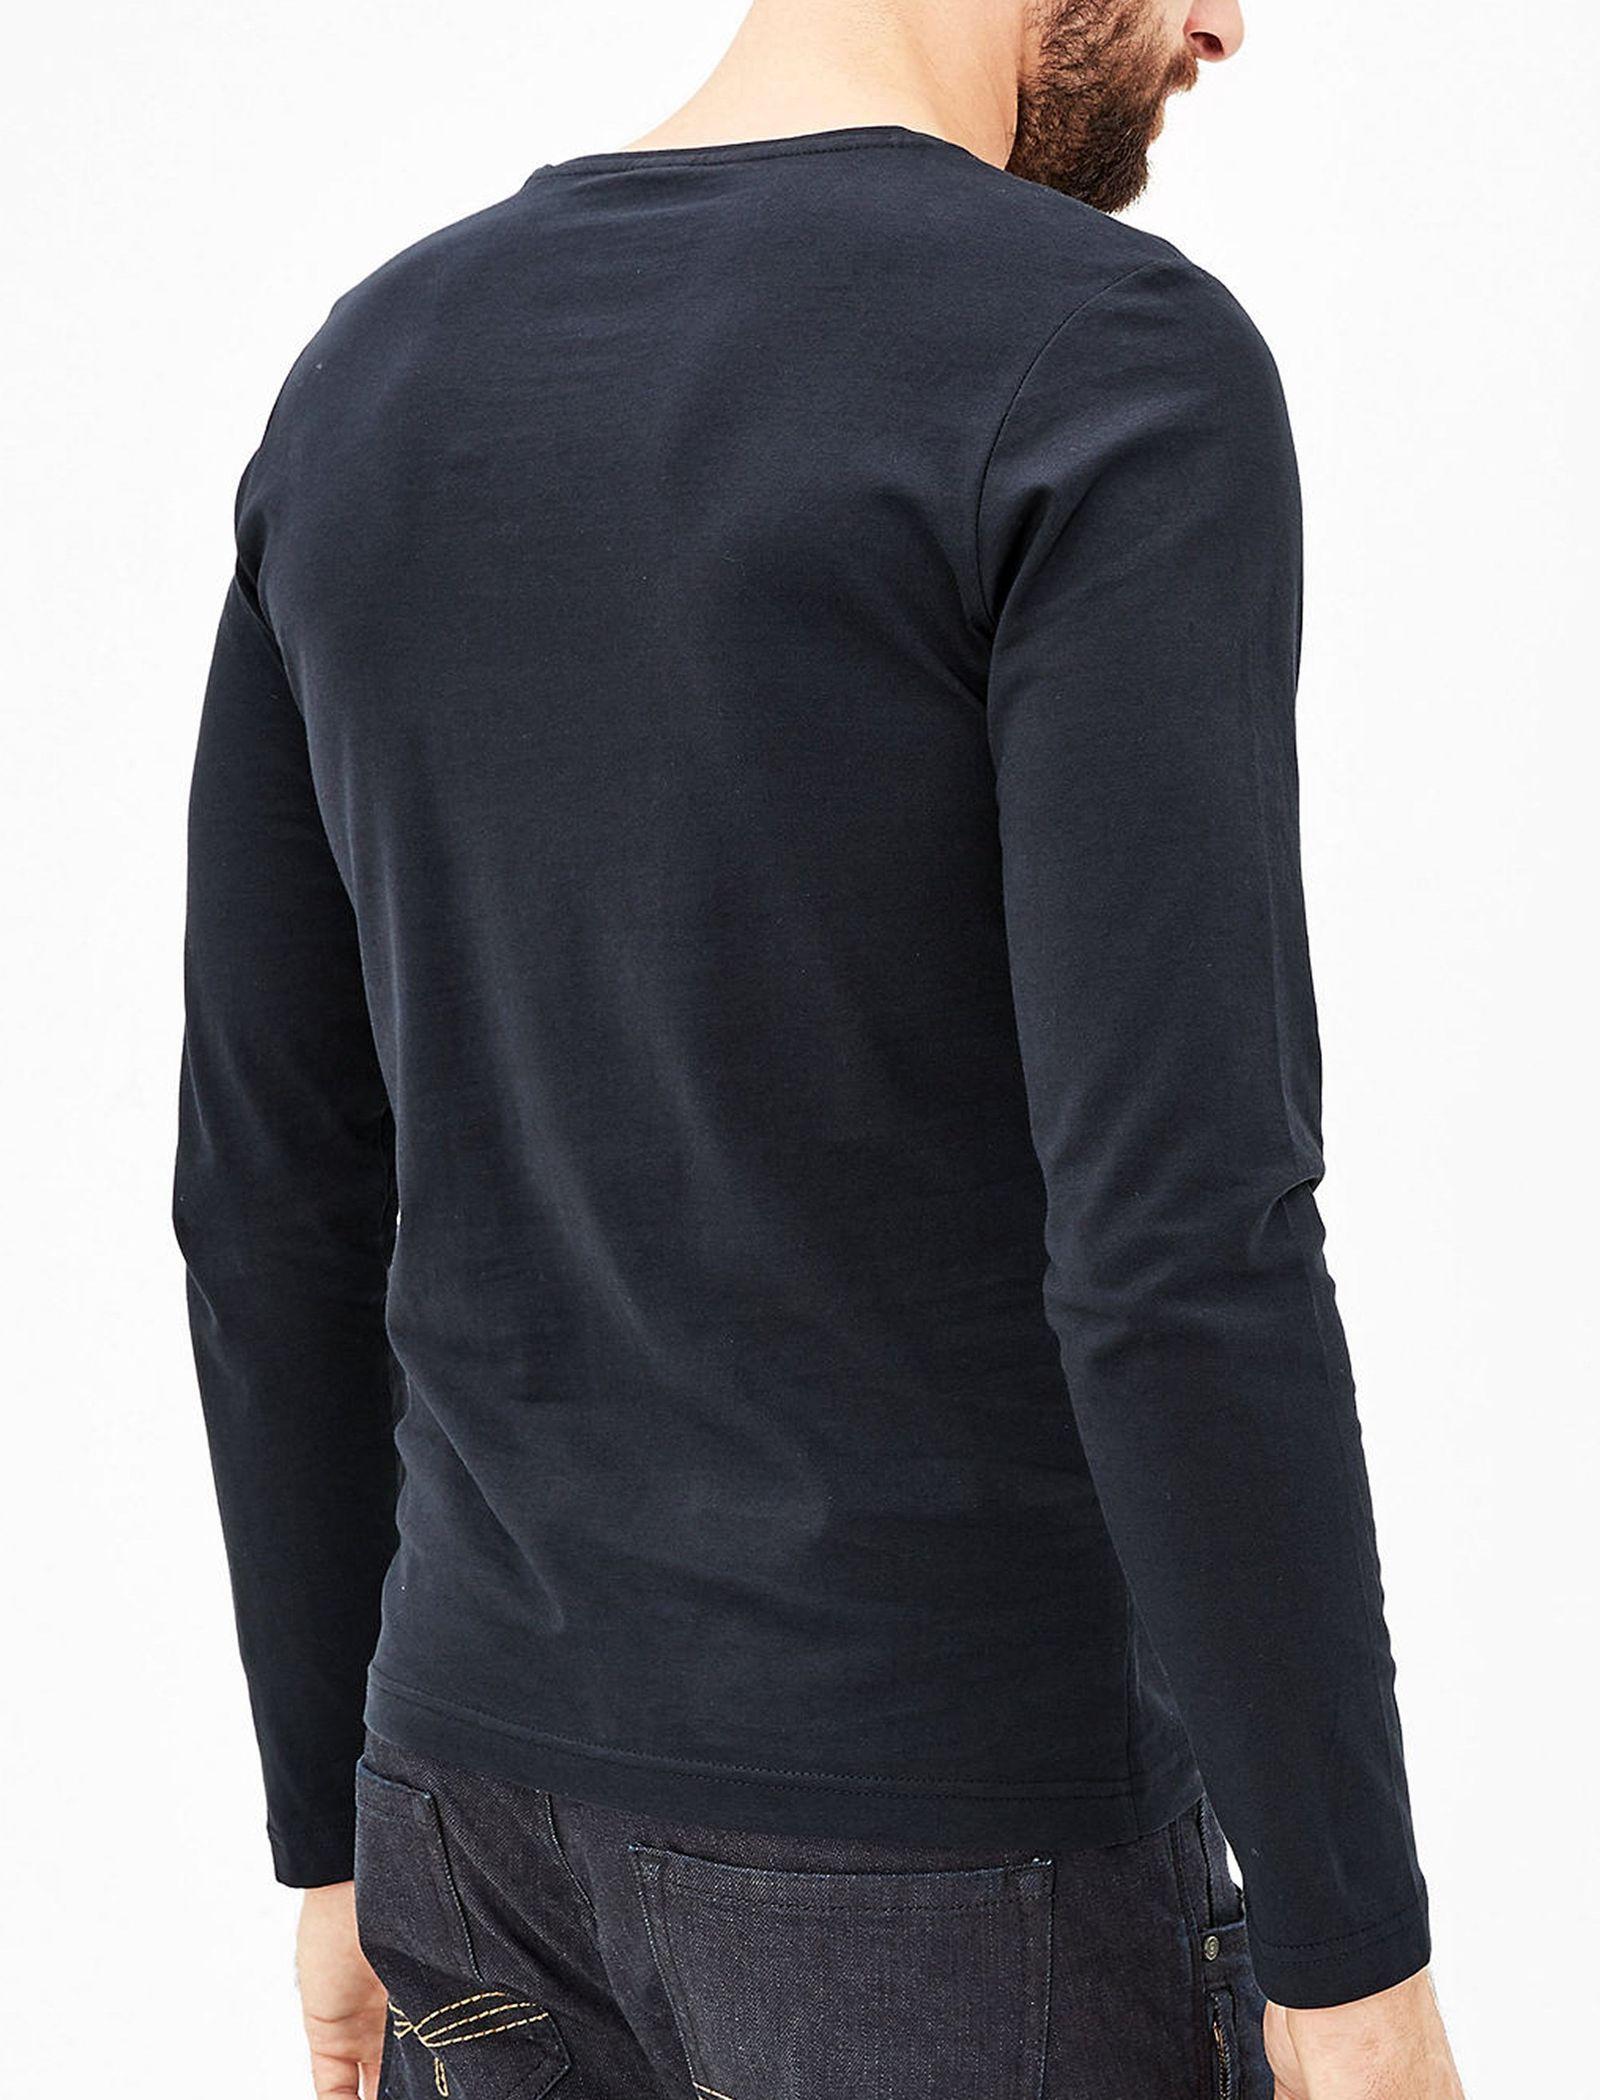 تی شرت نخی آستین بلند مردانه - اس.اولیور - سرمه اي تيره - 3